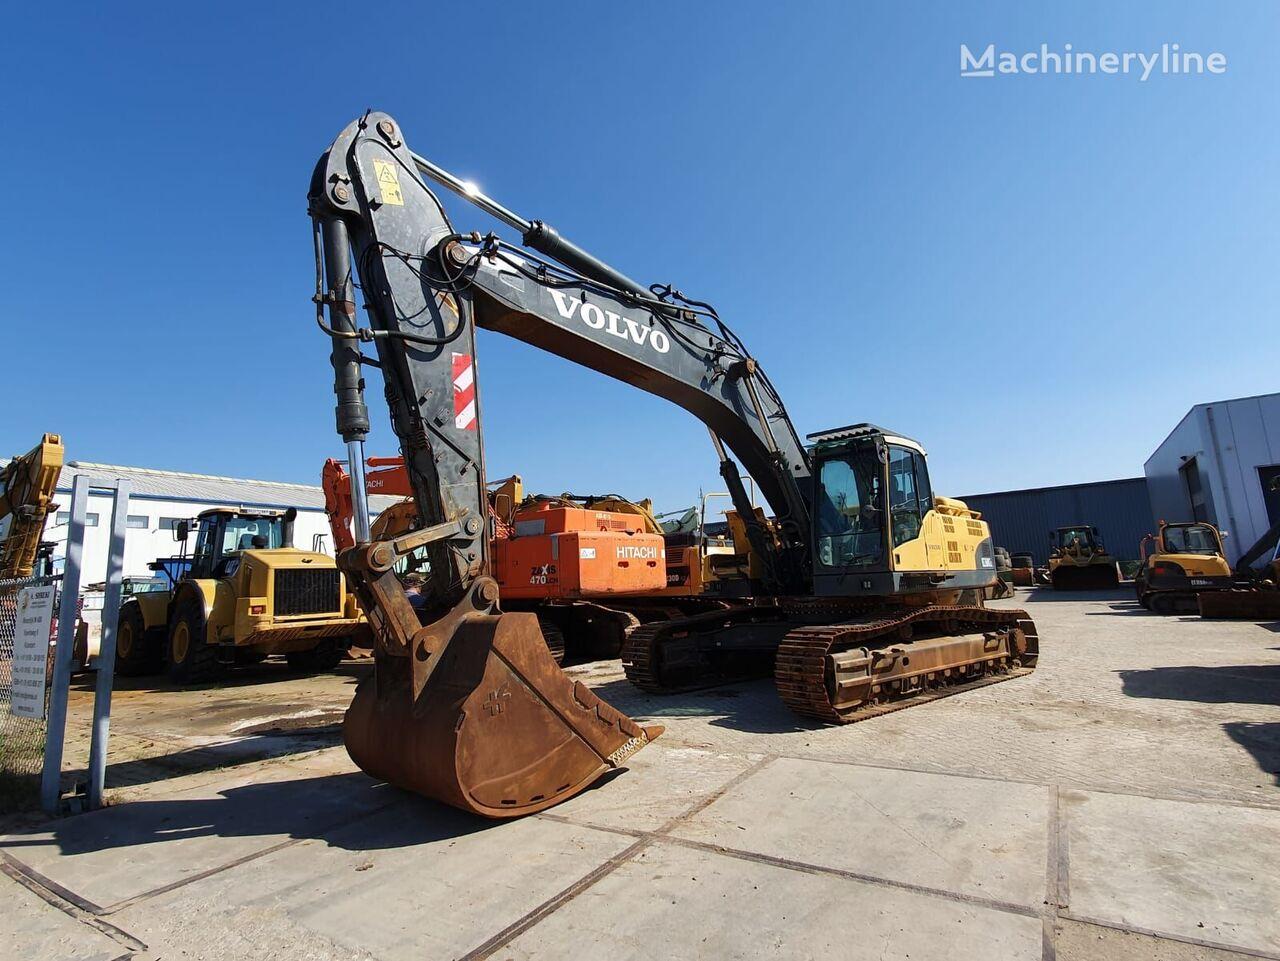 VOLVO EC360CL tracked excavator